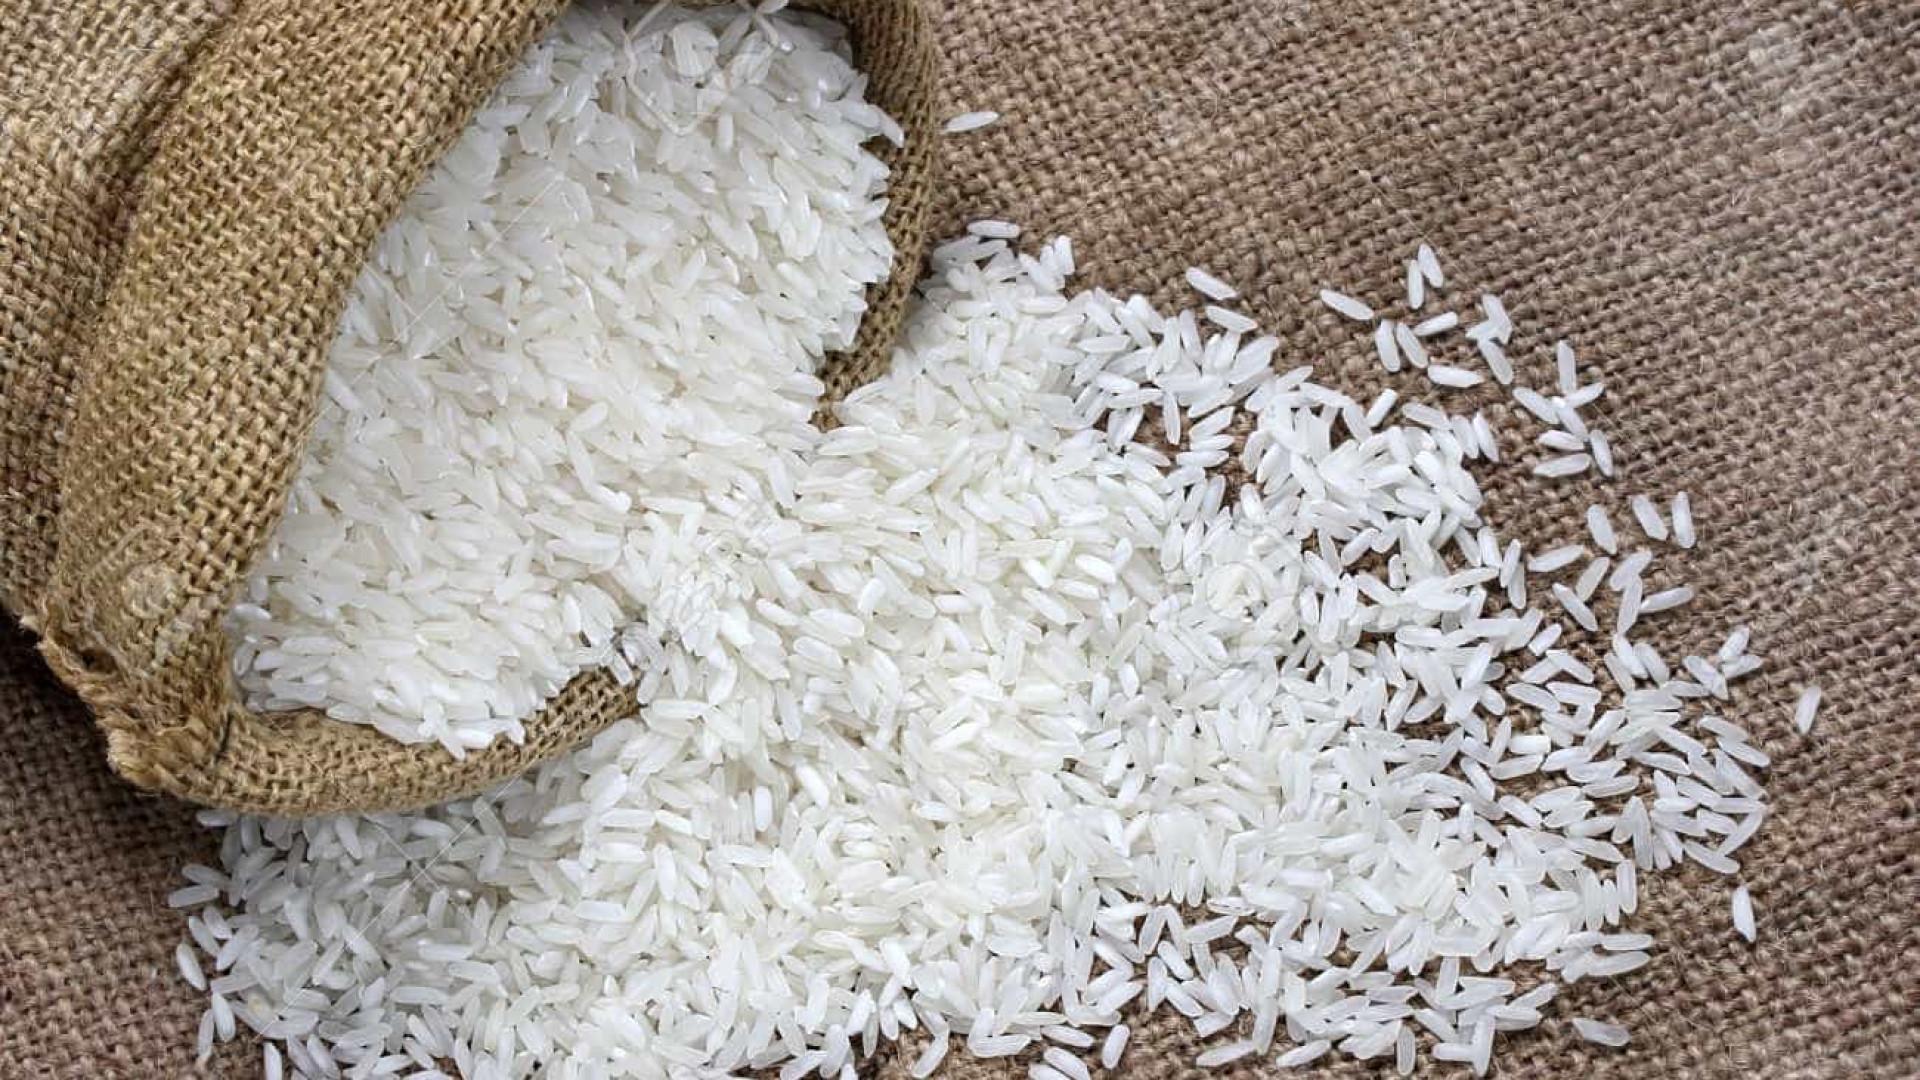 Saiba a diferença entre o arroz branco, parboilizado e integral